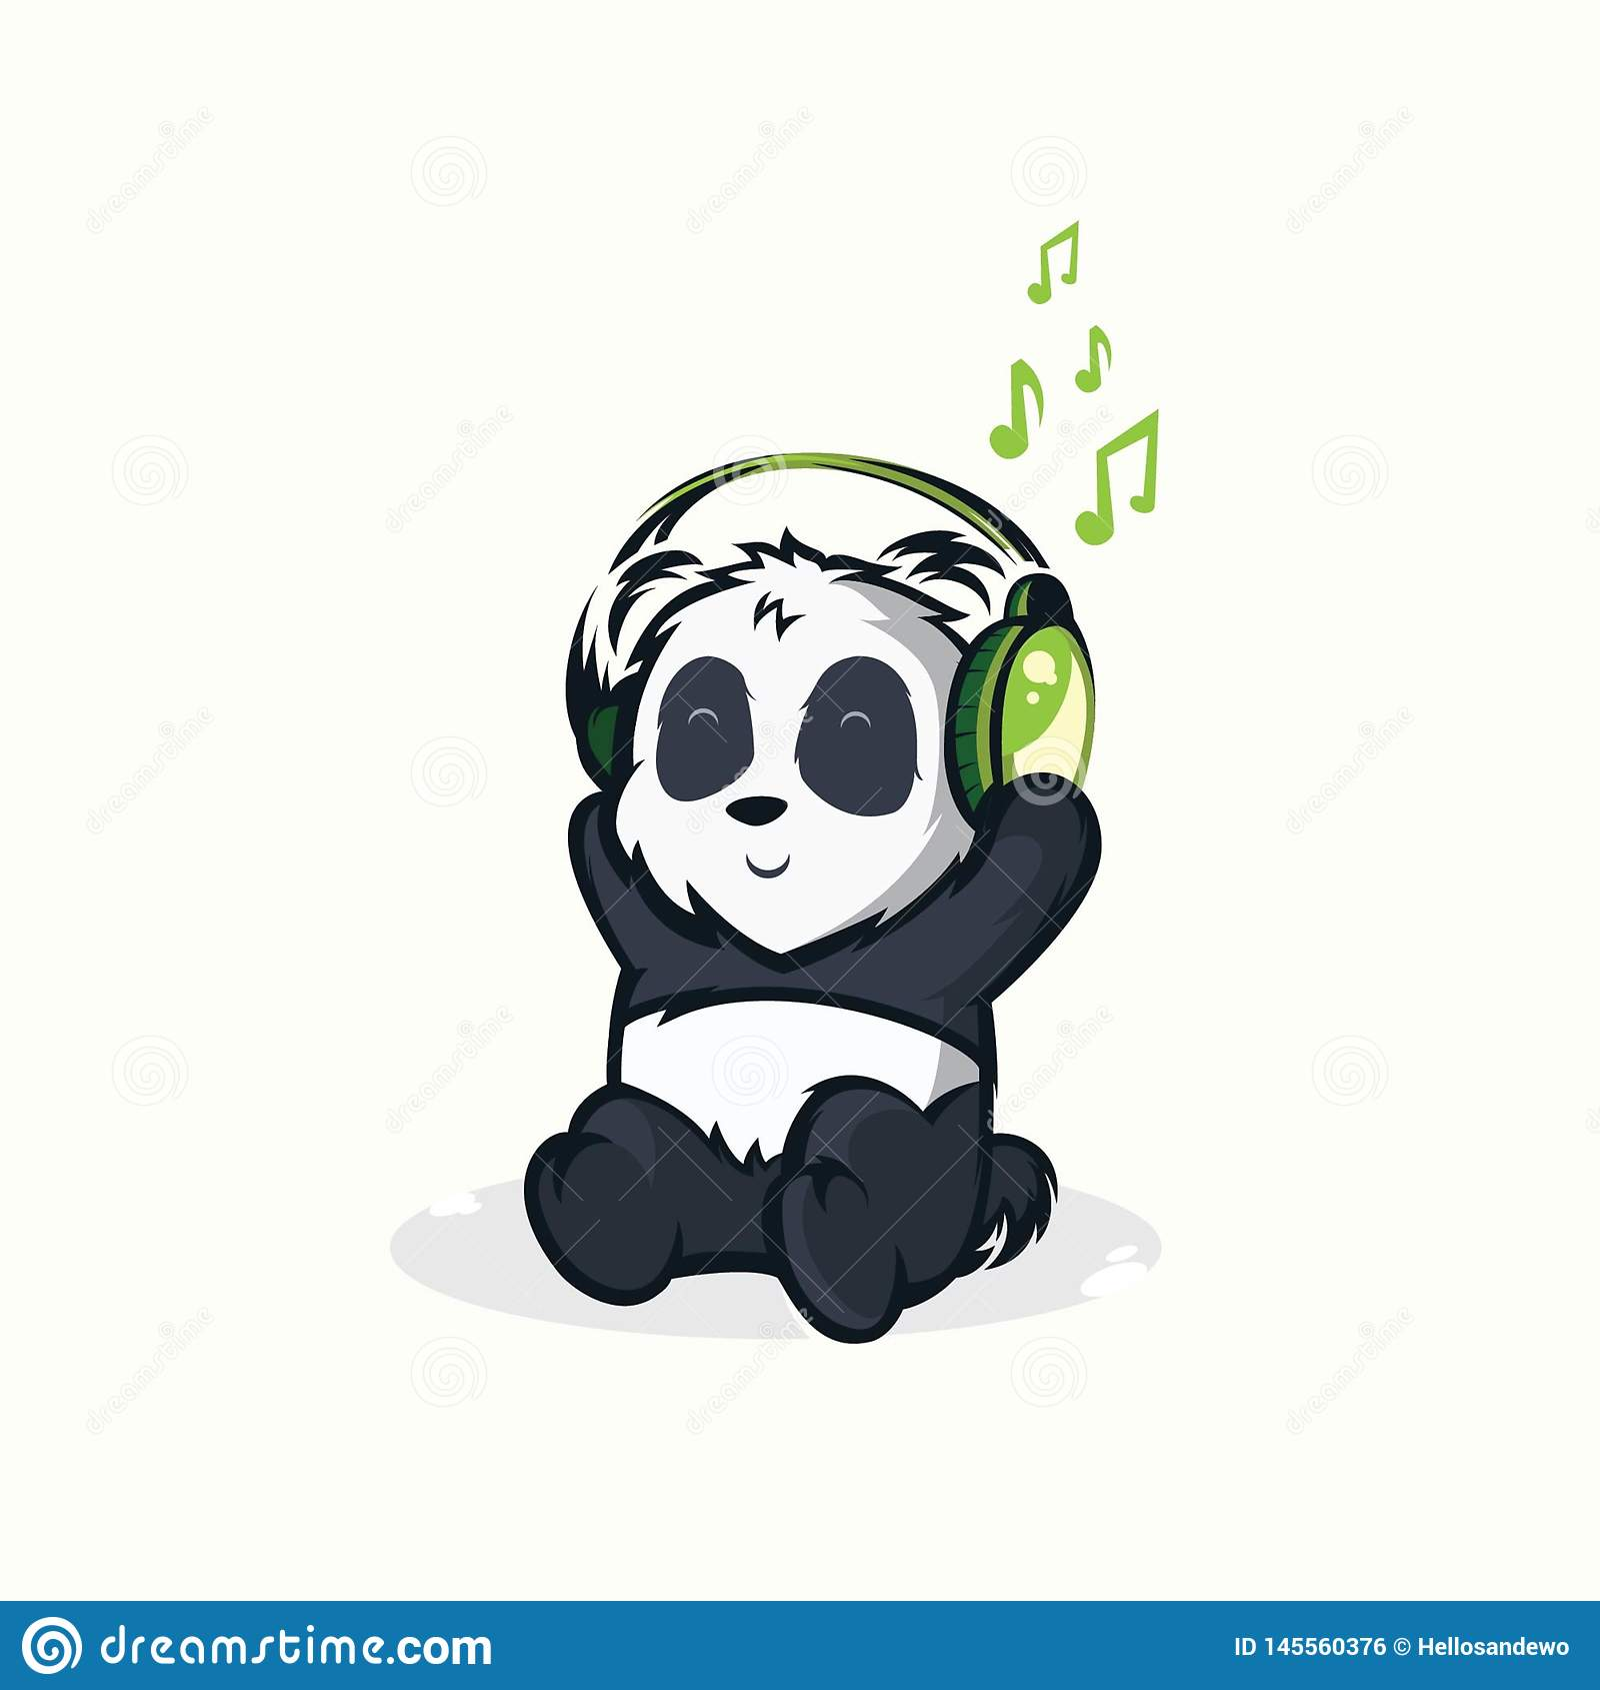 Illustrazioni dei panda divertenti che ascoltano la musica